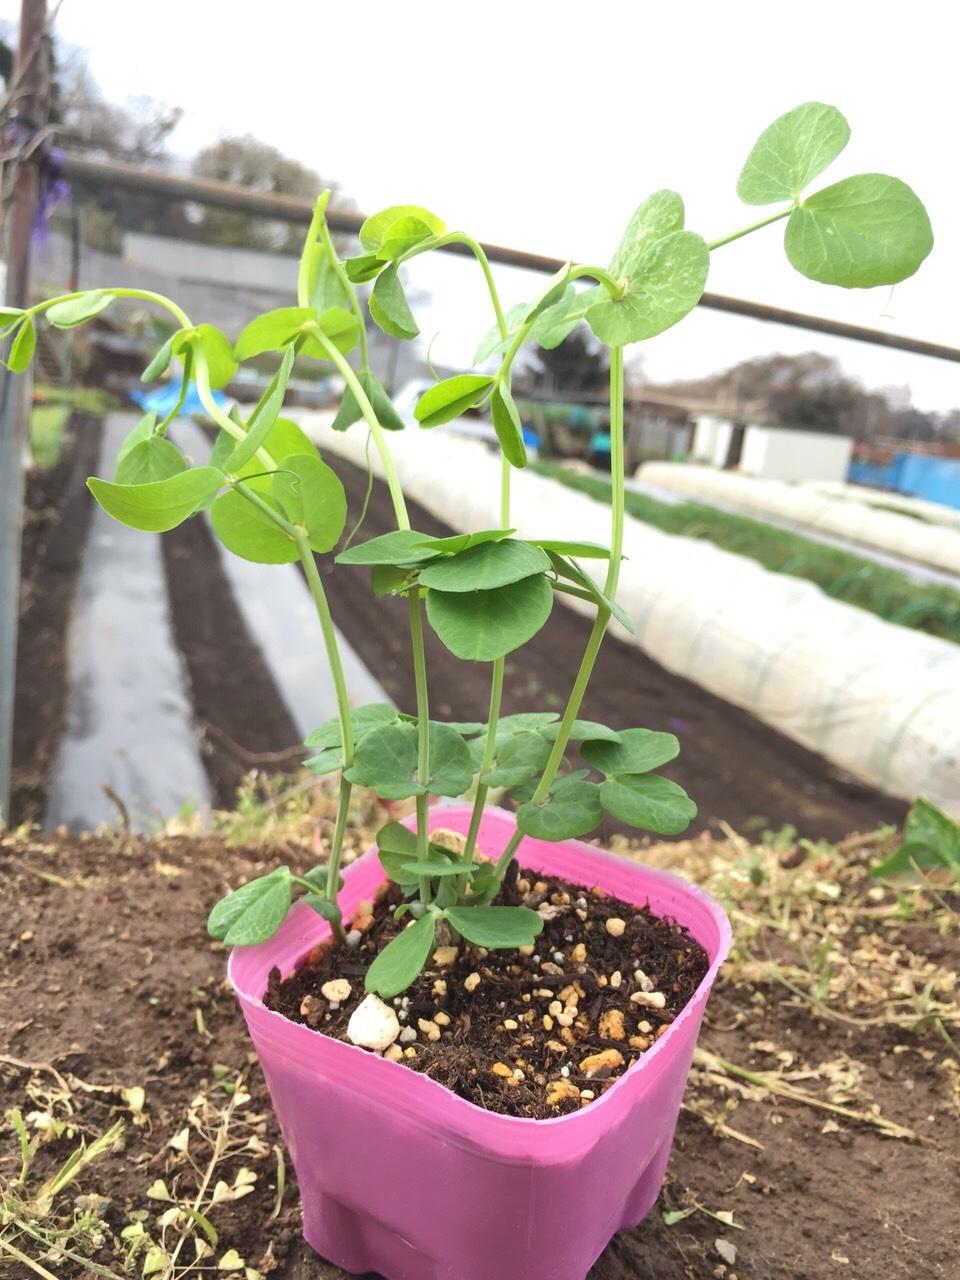 イタリアの初挑戦の 新種エンドウ豆 発芽しましたが 残念ながら育ちませんでした 国産のきぬさやの苗定植します_c0222448_14540111.jpg